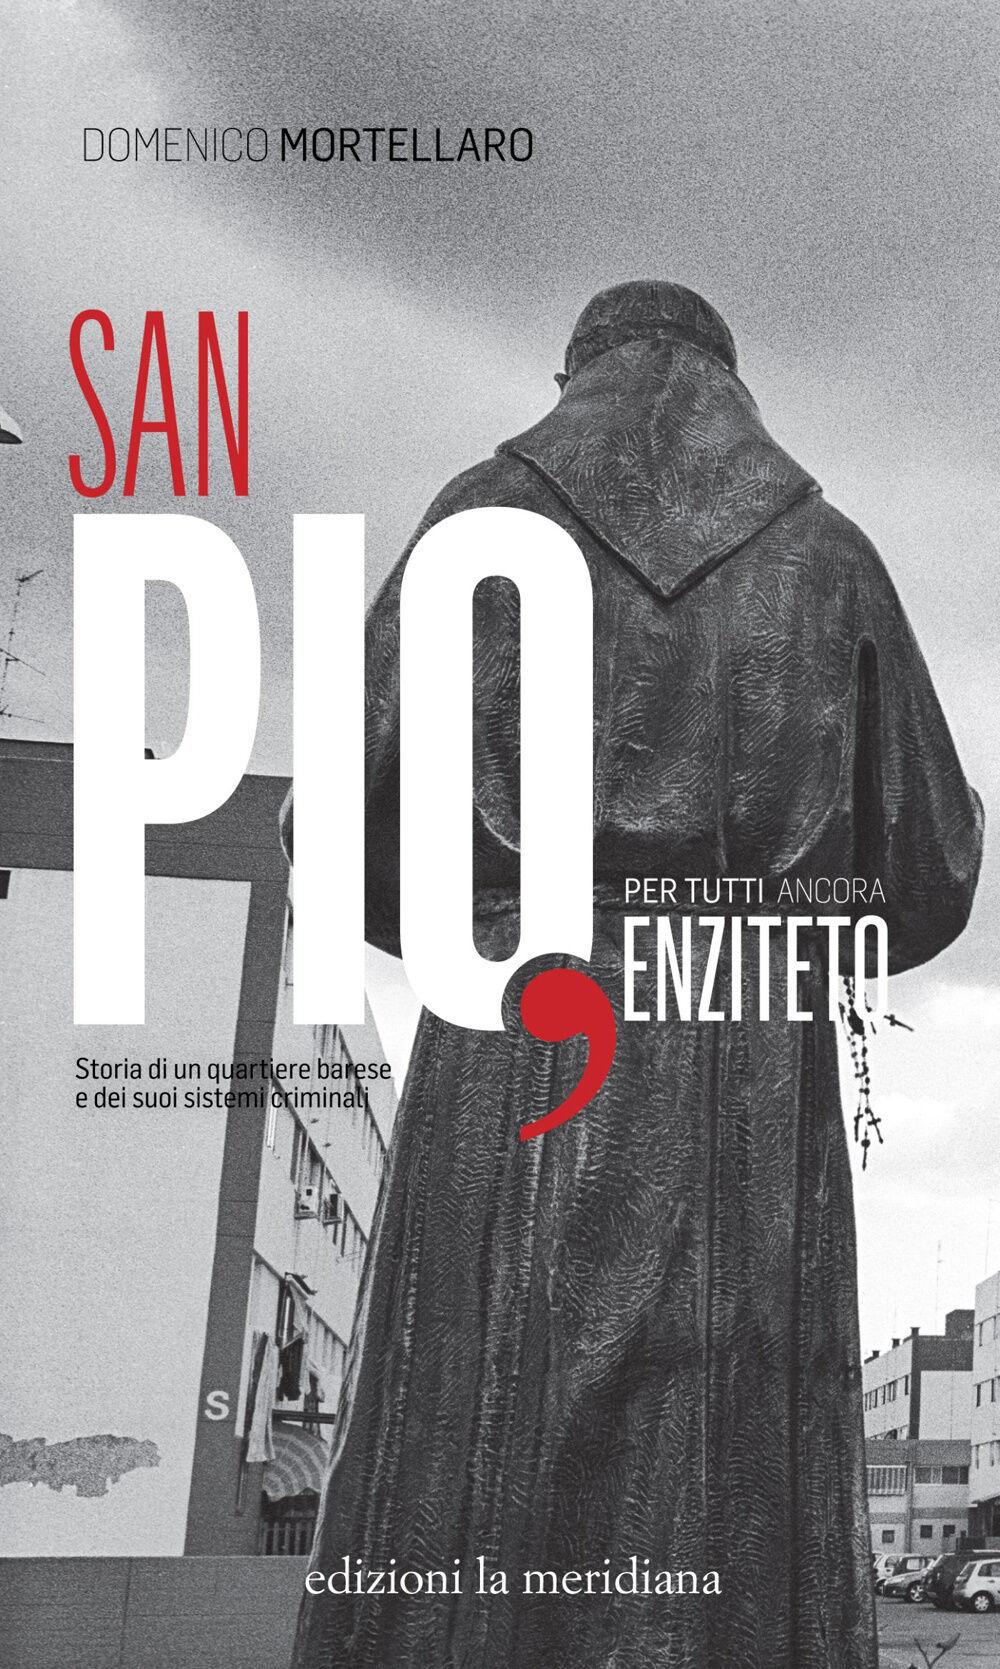 San Pio, per tutti ancora Enziteto. Storia di un quartiere barese e dei suoi sistemi criminali